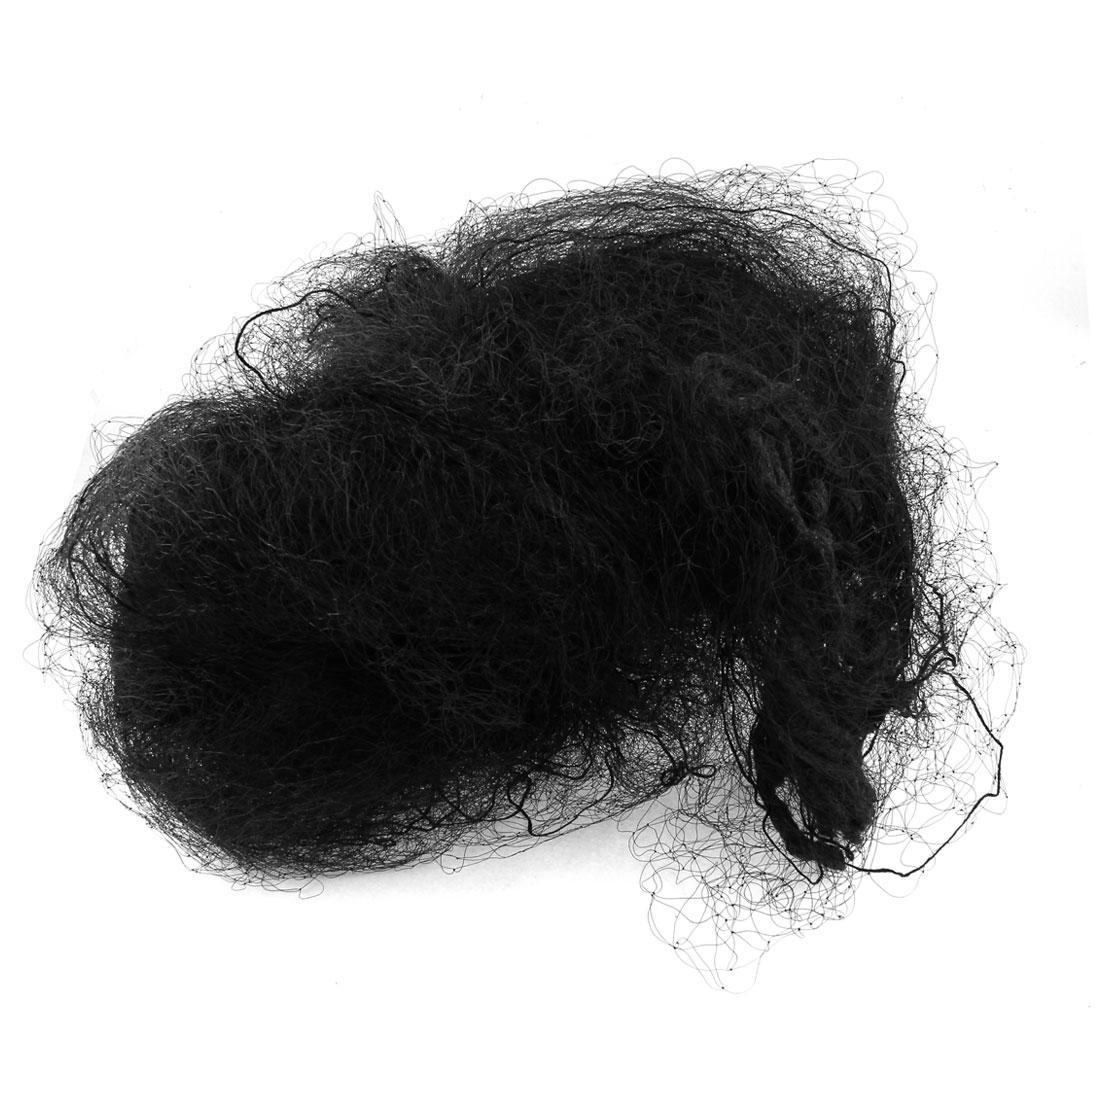 Black Wide Garden Anti Bird Netting Nylon Knotted Mist Net 110.2ft x 24.6ft